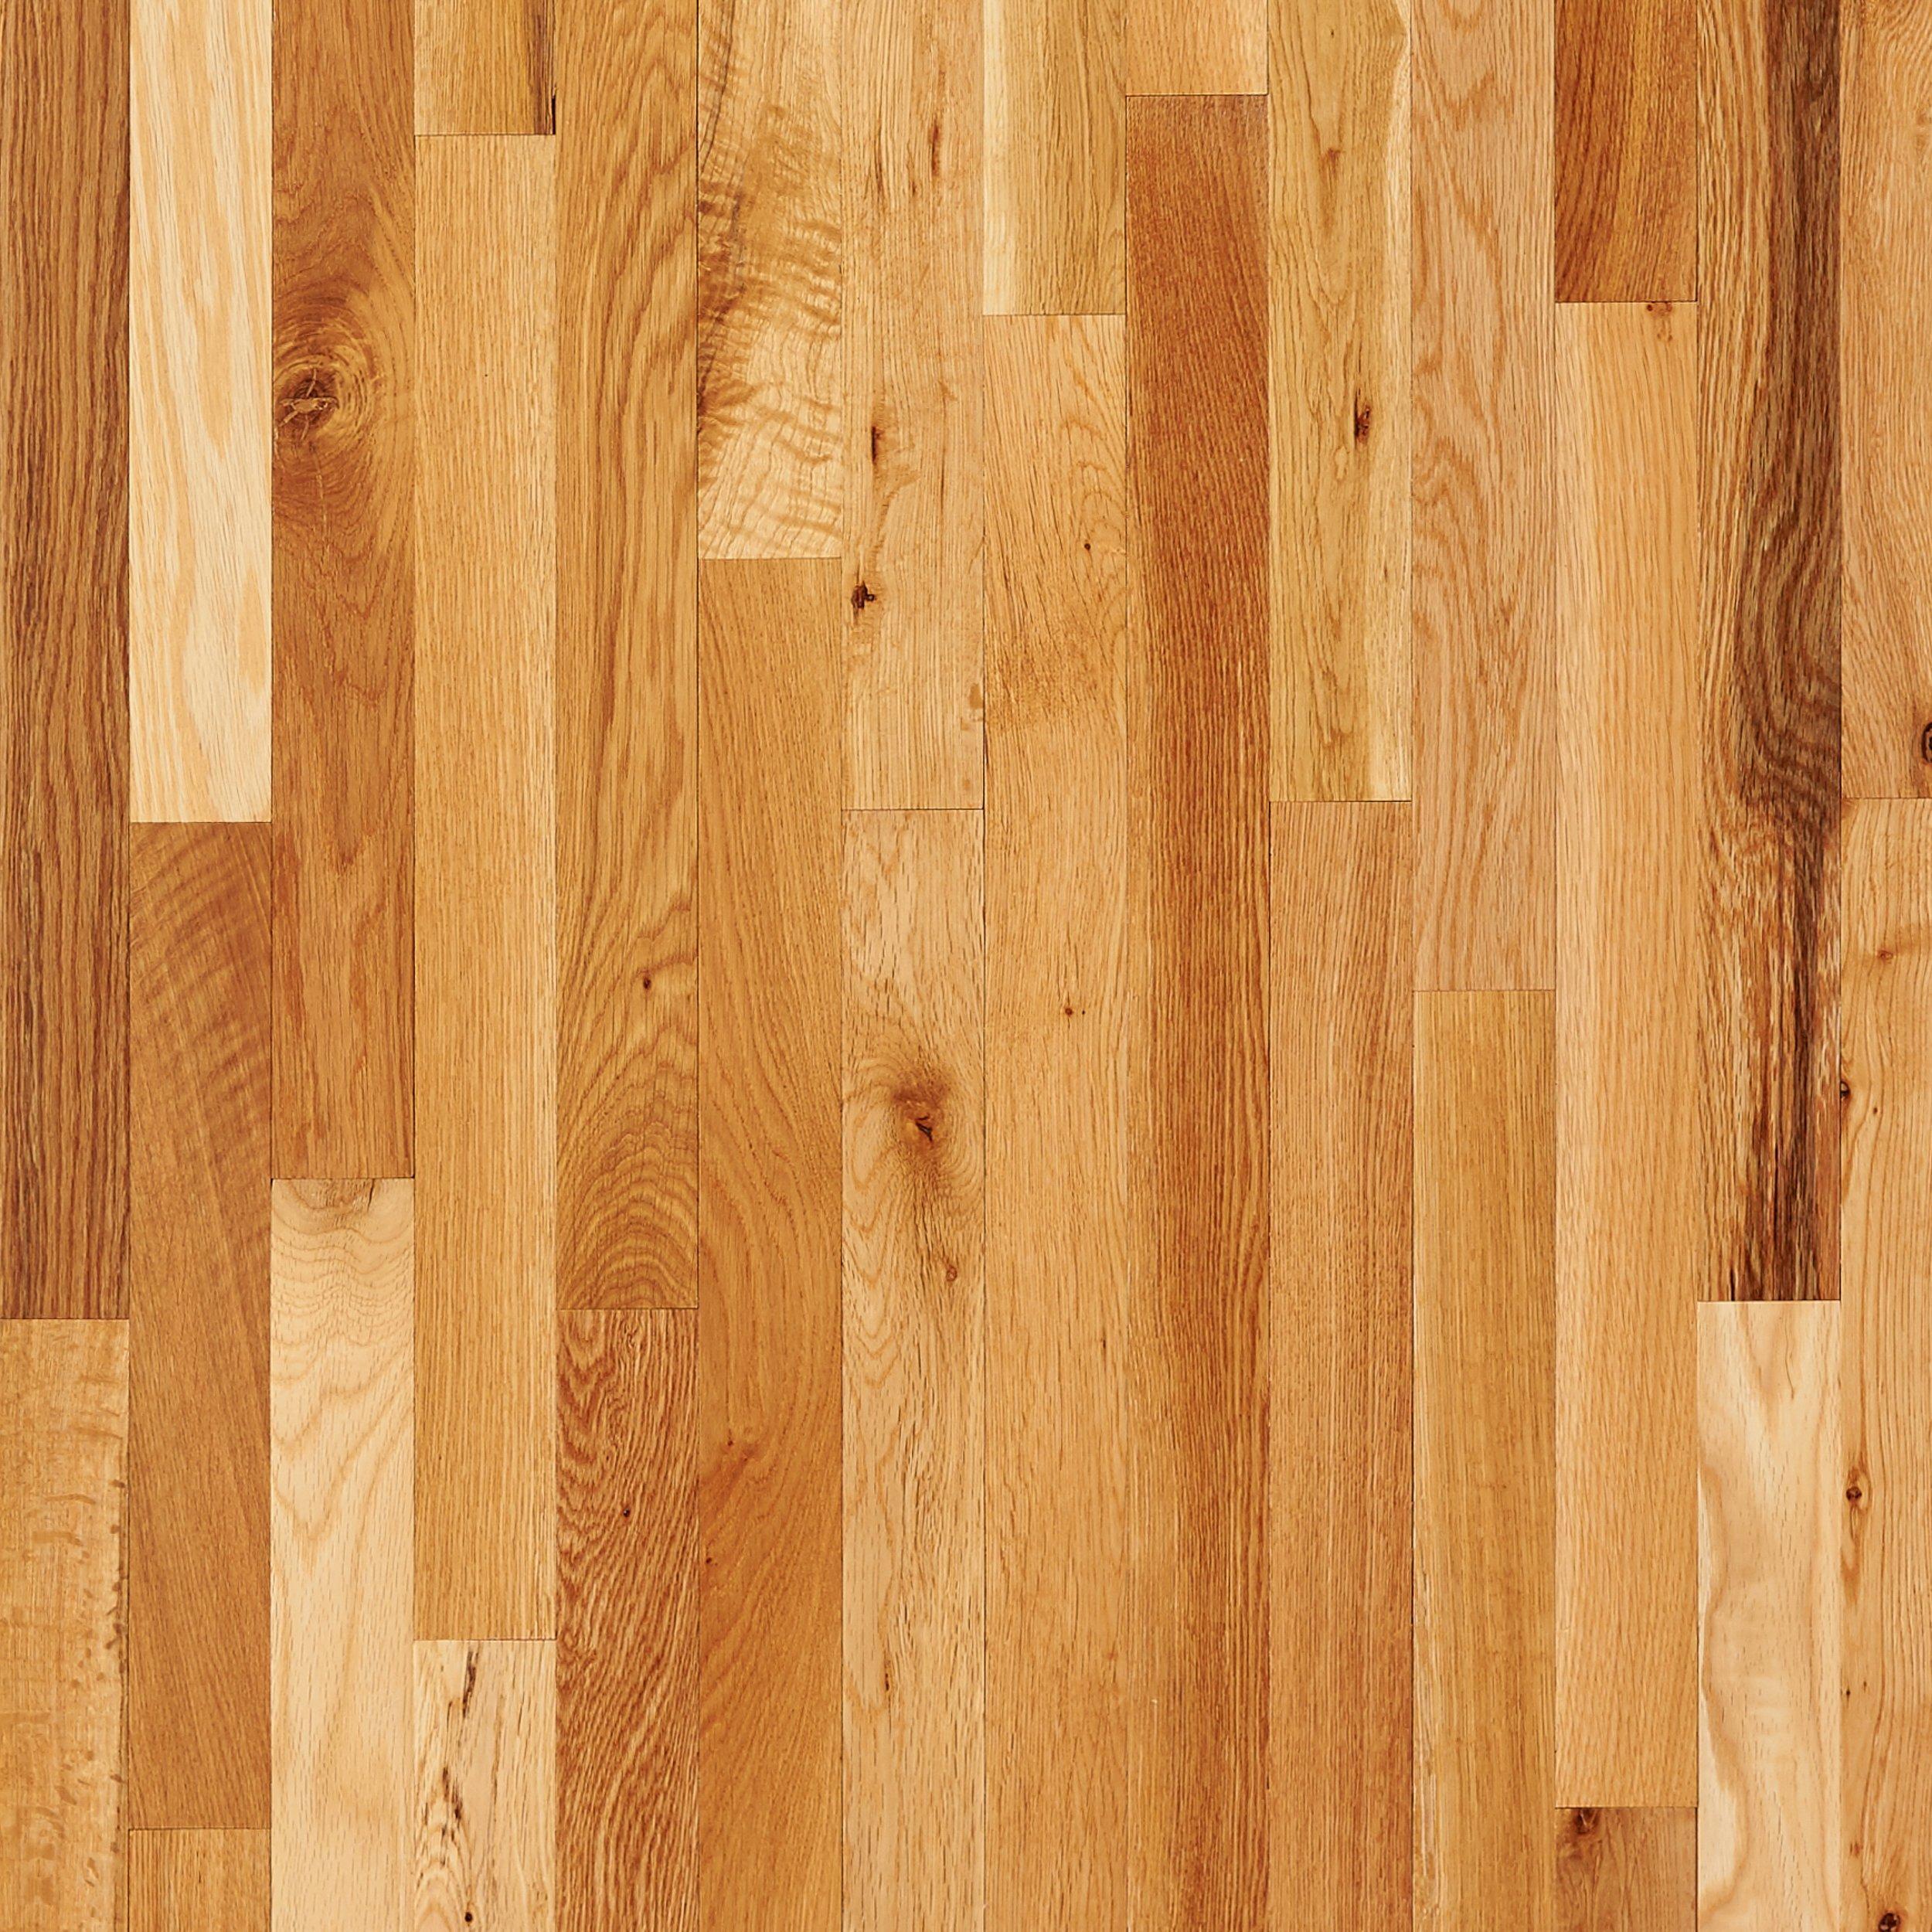 Hardwood Floors In Bathroom